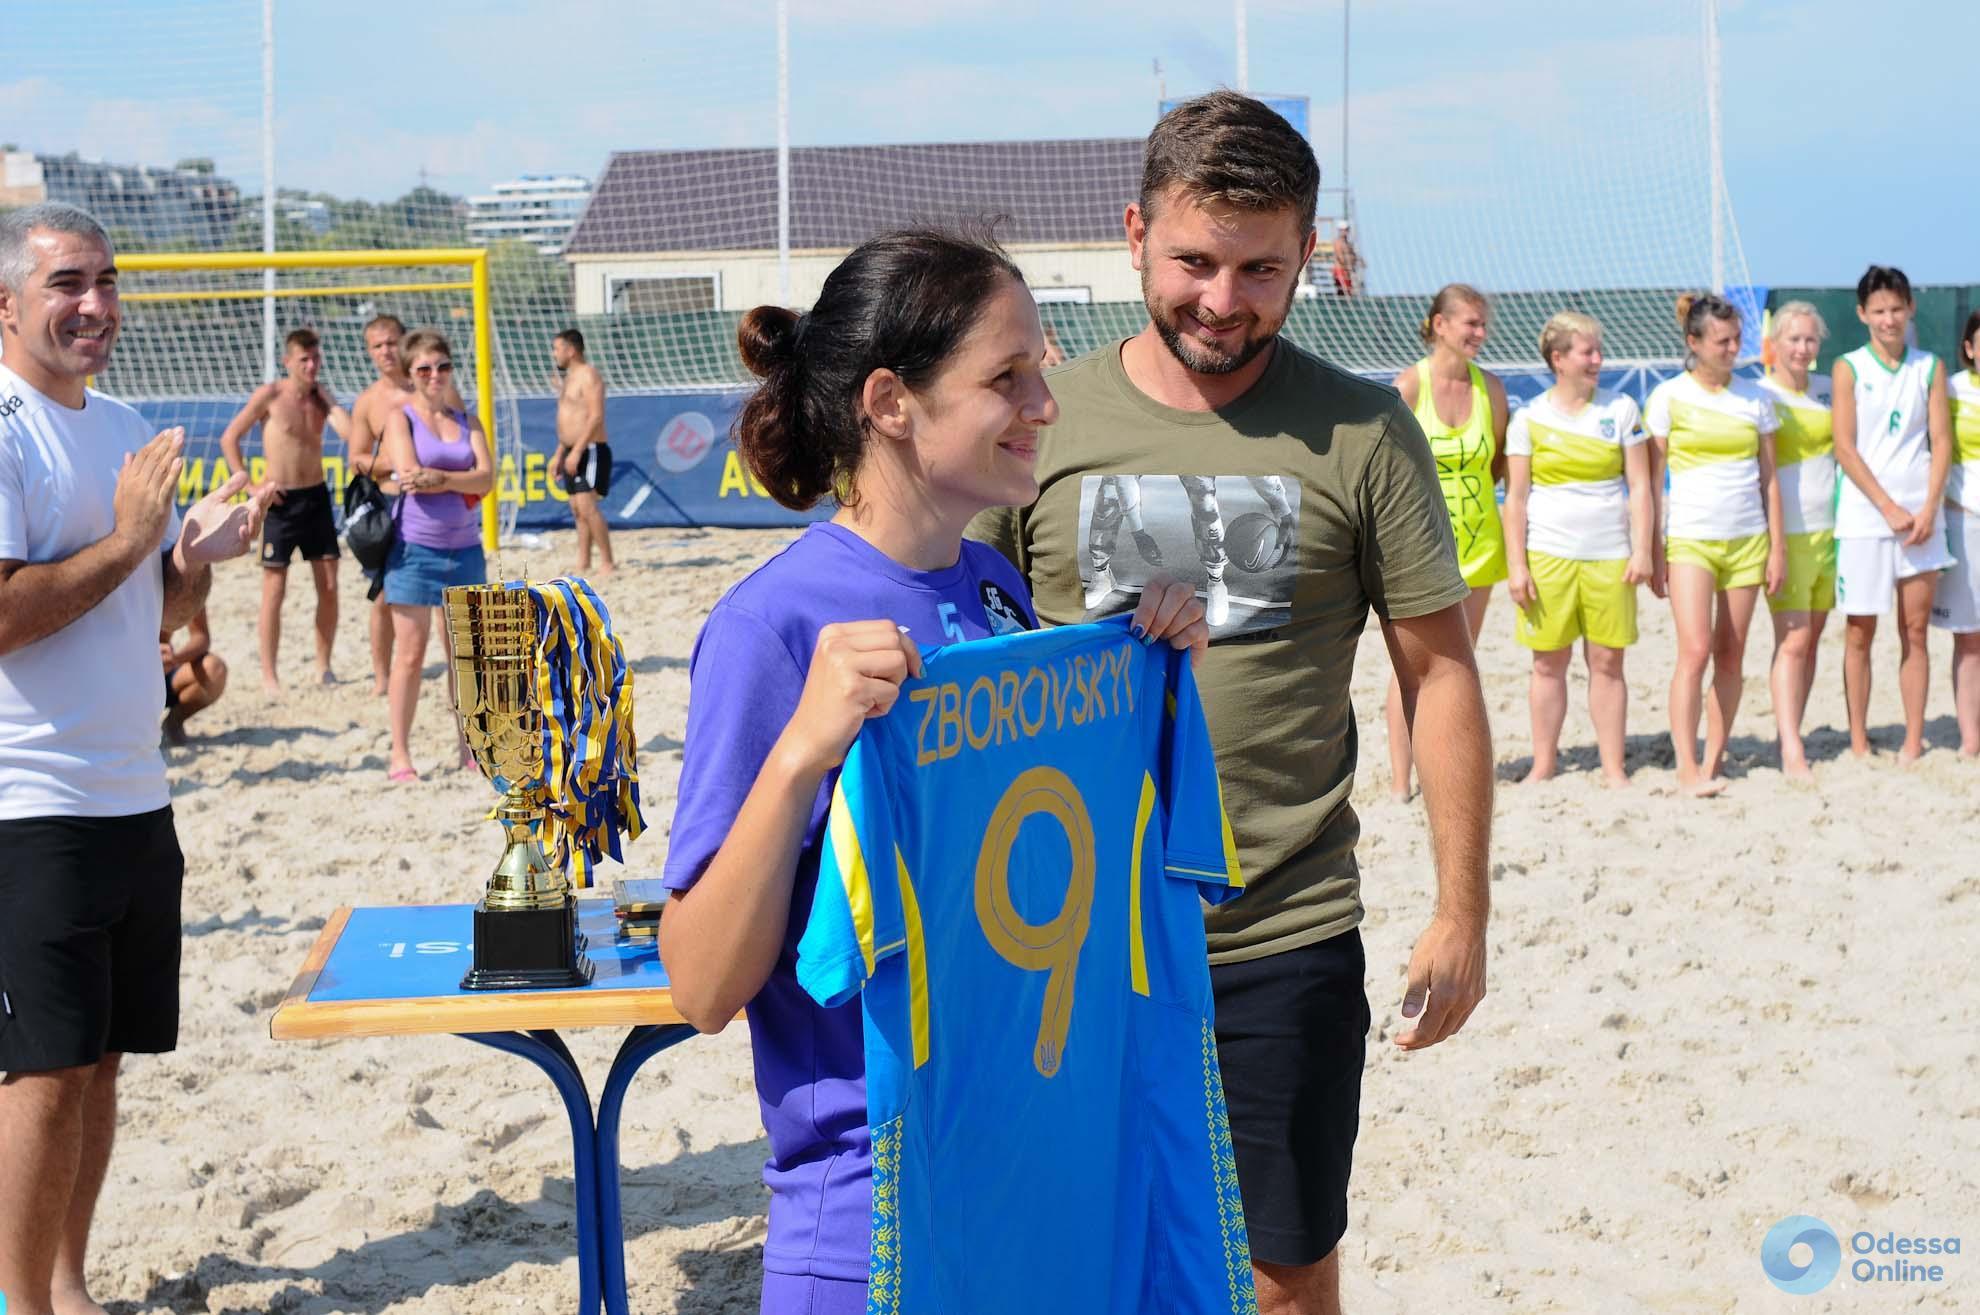 Женский чемпионат Украины по пляжному футболу в Одессе: жара, дождь и медали «Черноморца» (+фоторепортаж)